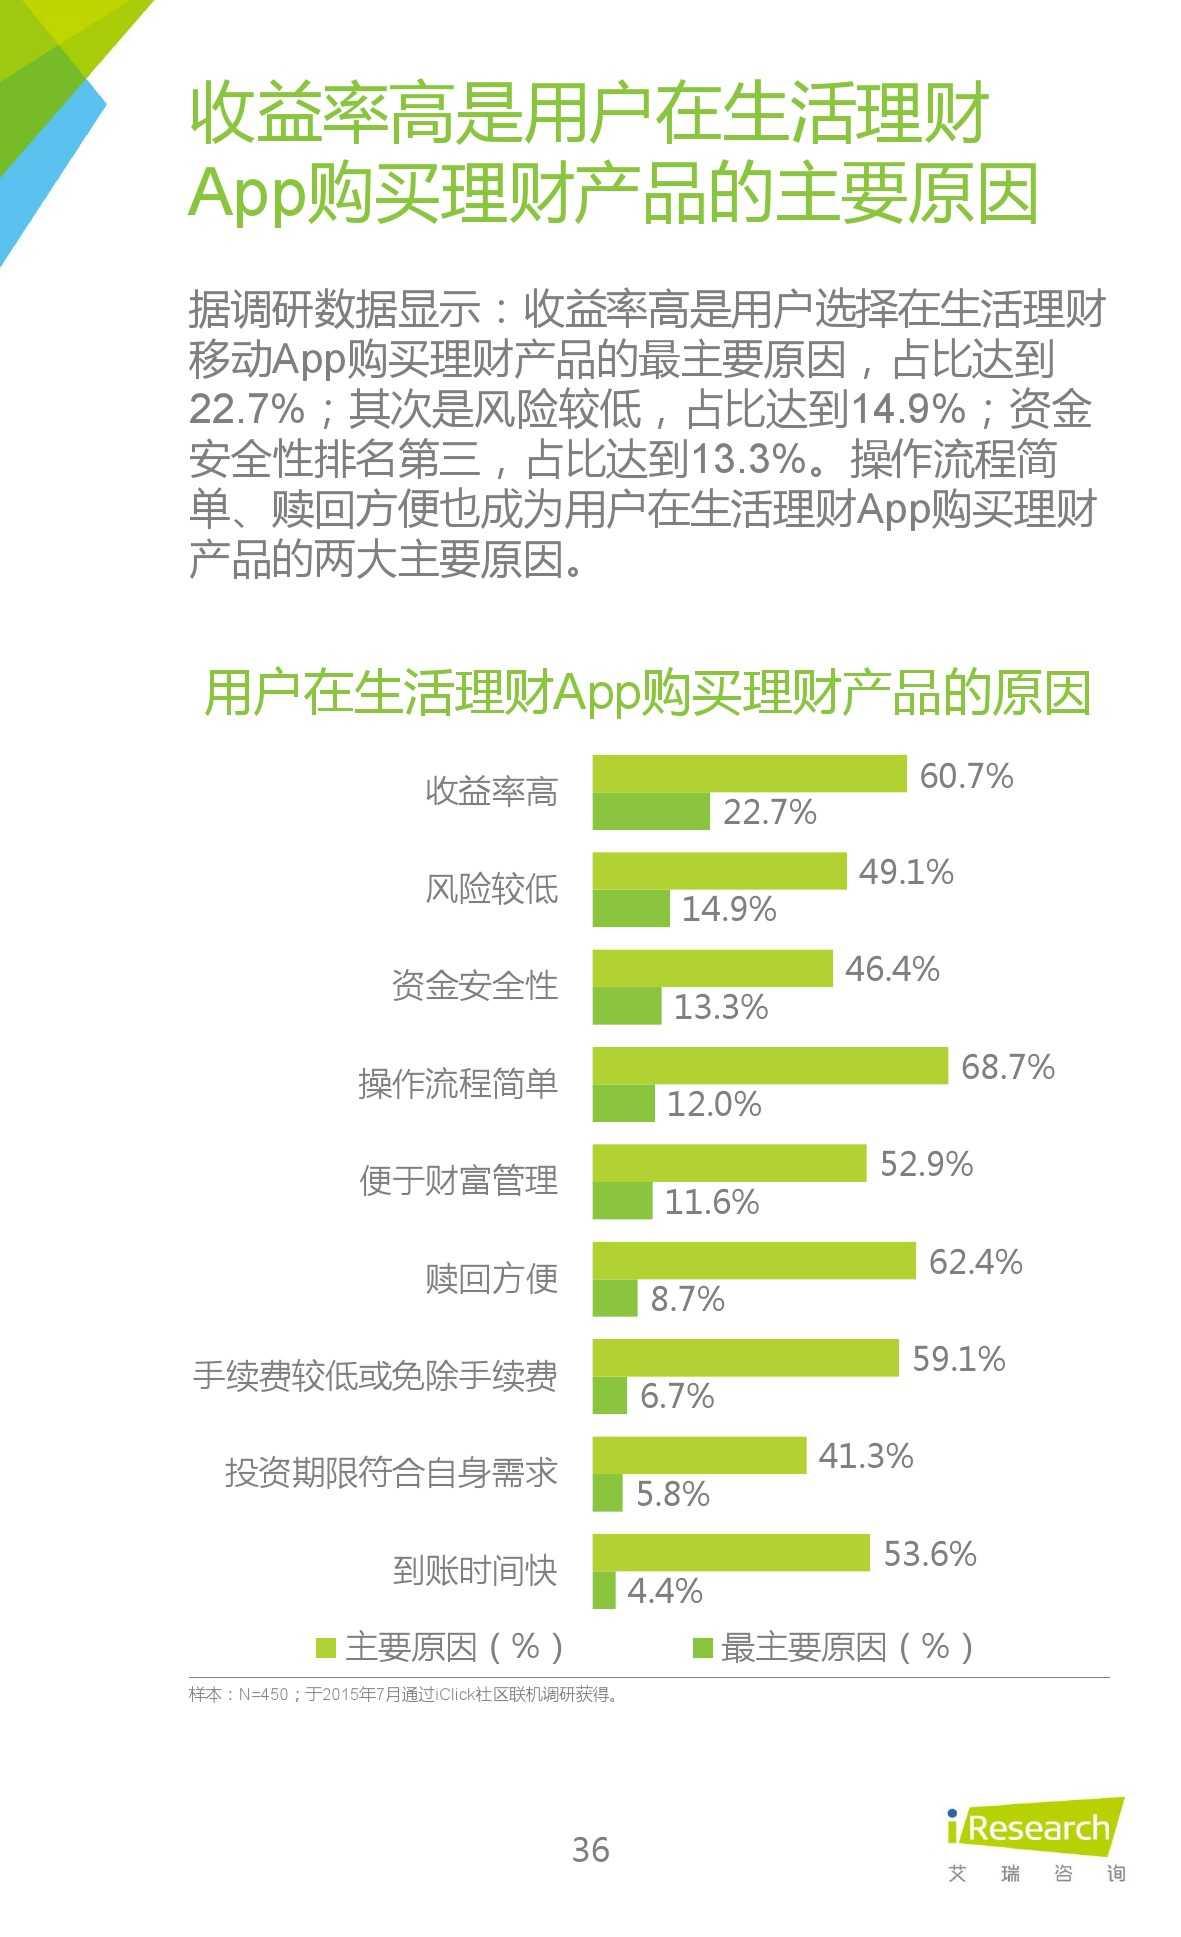 2015年中国生活理财移动App行业研究报告_000036